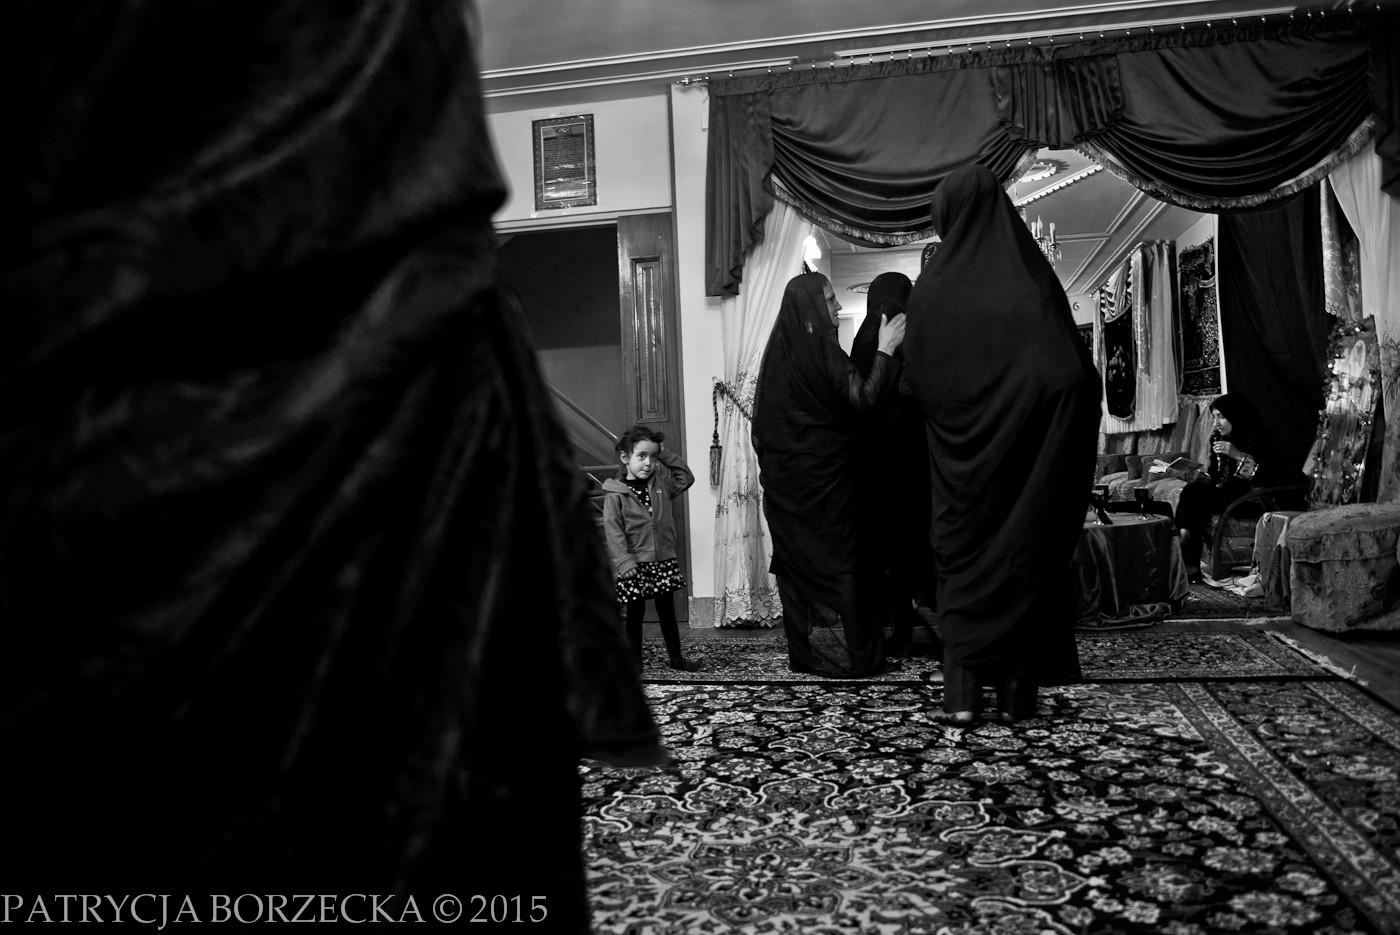 PatrycjaBorzecka-photo-Muharram07